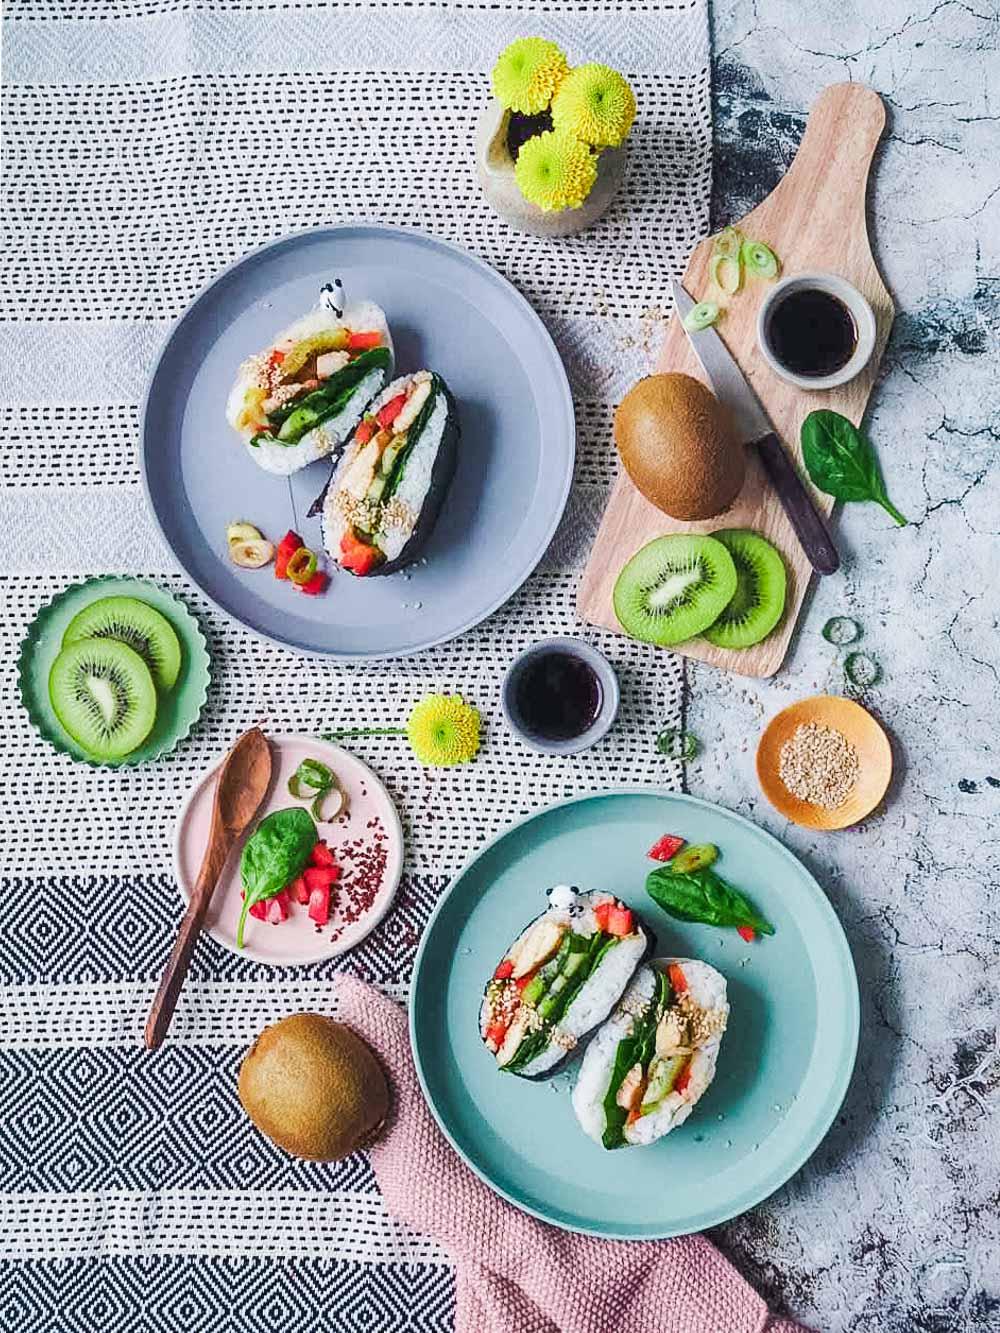 Japanisches Reissandwich mit Kiwi-Salat und Teriyaki-Huehnchen - Onigirazu |GourmetGuerilla.de